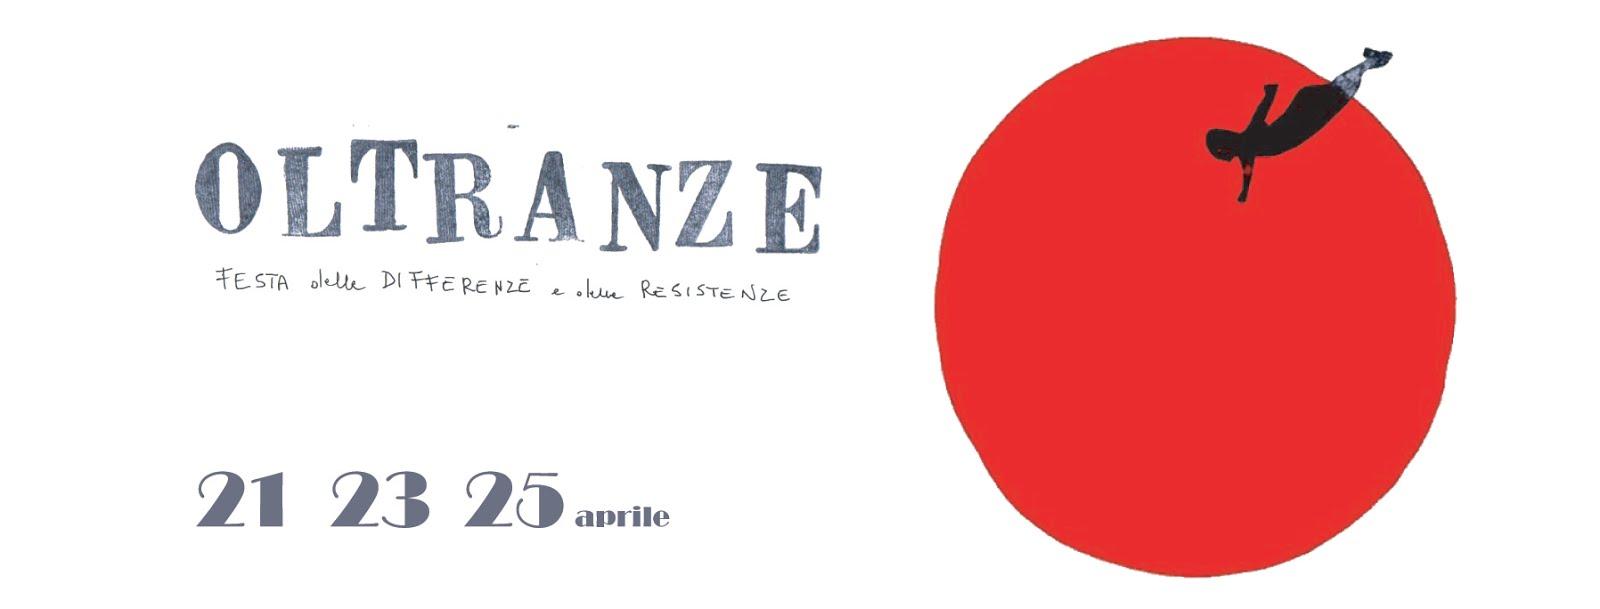 OLTRANZE - Feste delle differenze e delle resistenze